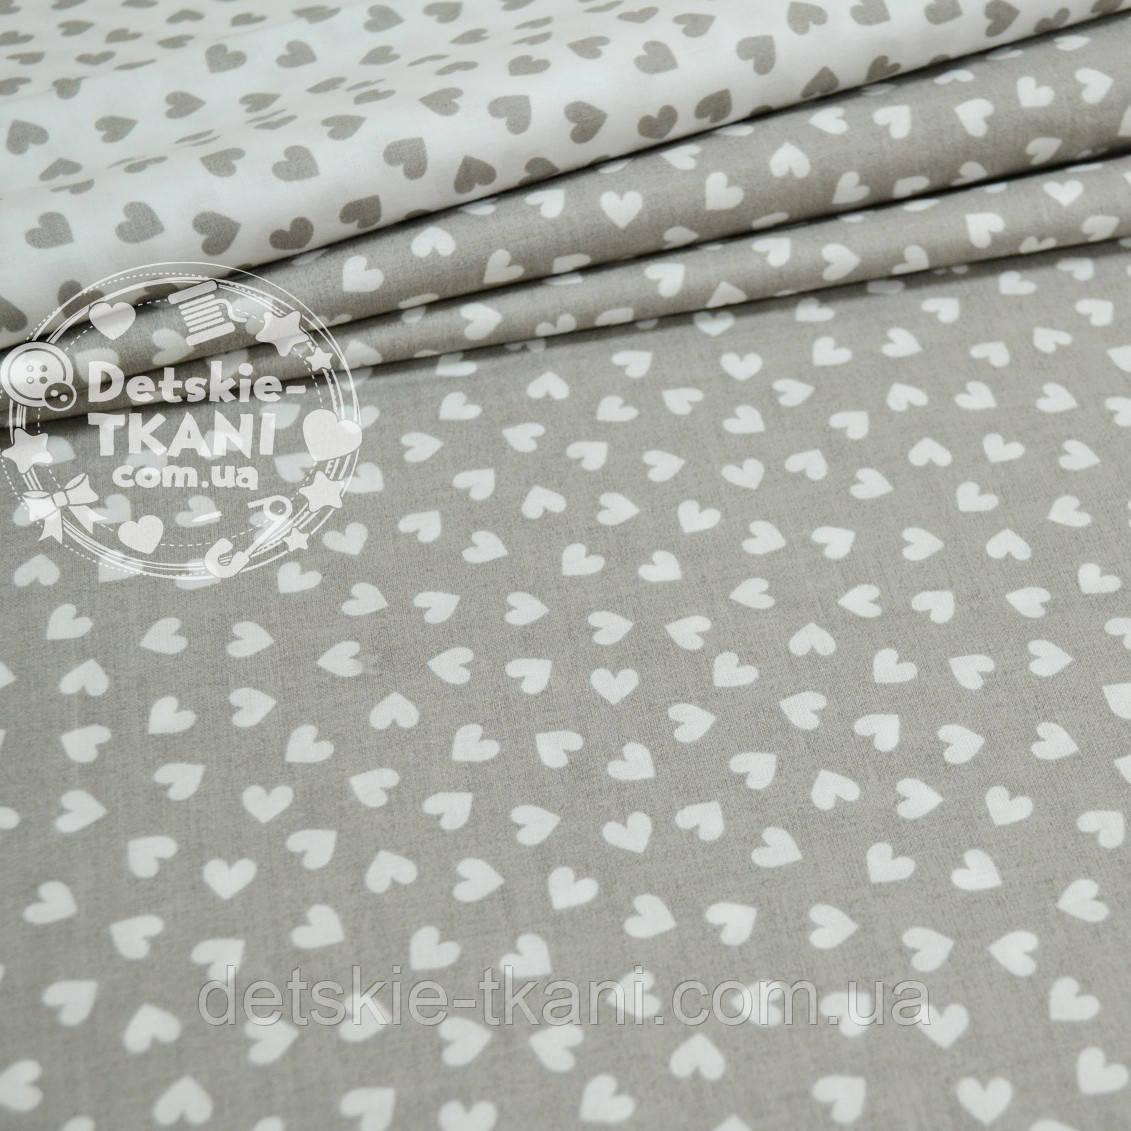 Ткань с белыми мини сердечками на сером фоне (№ 798)